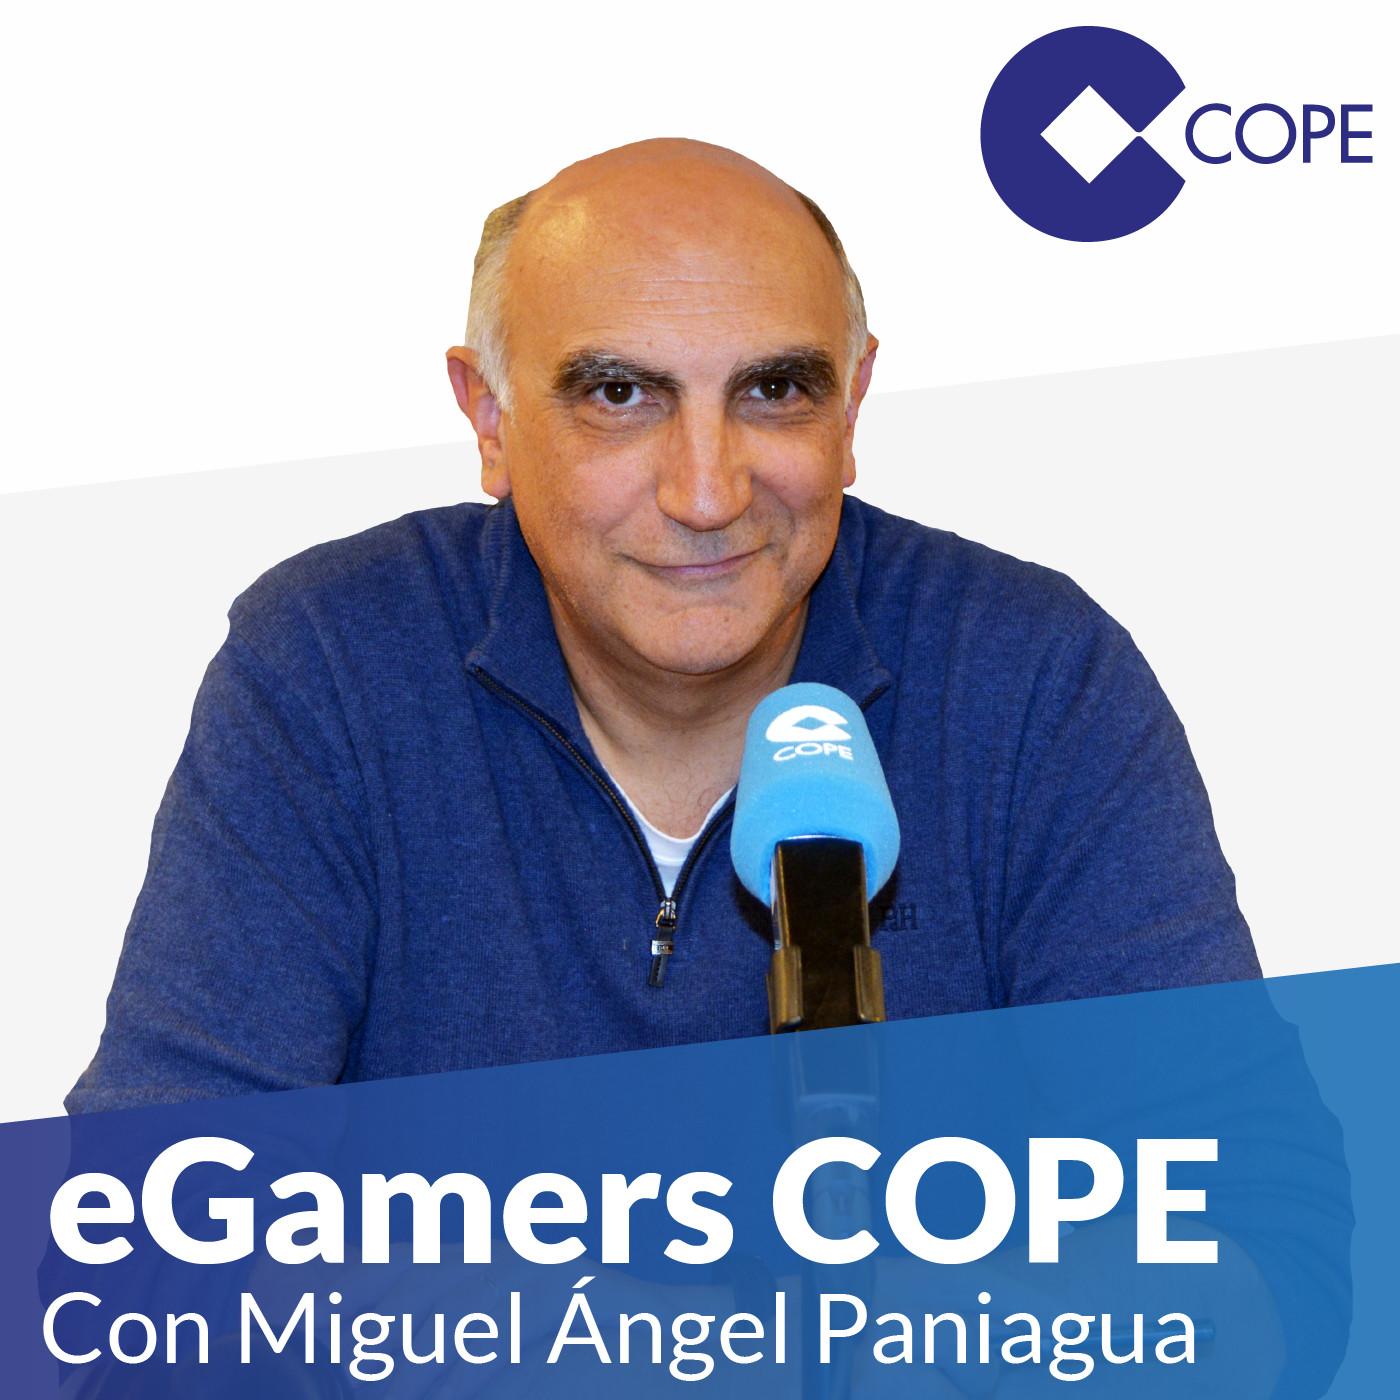 eGamers COPE